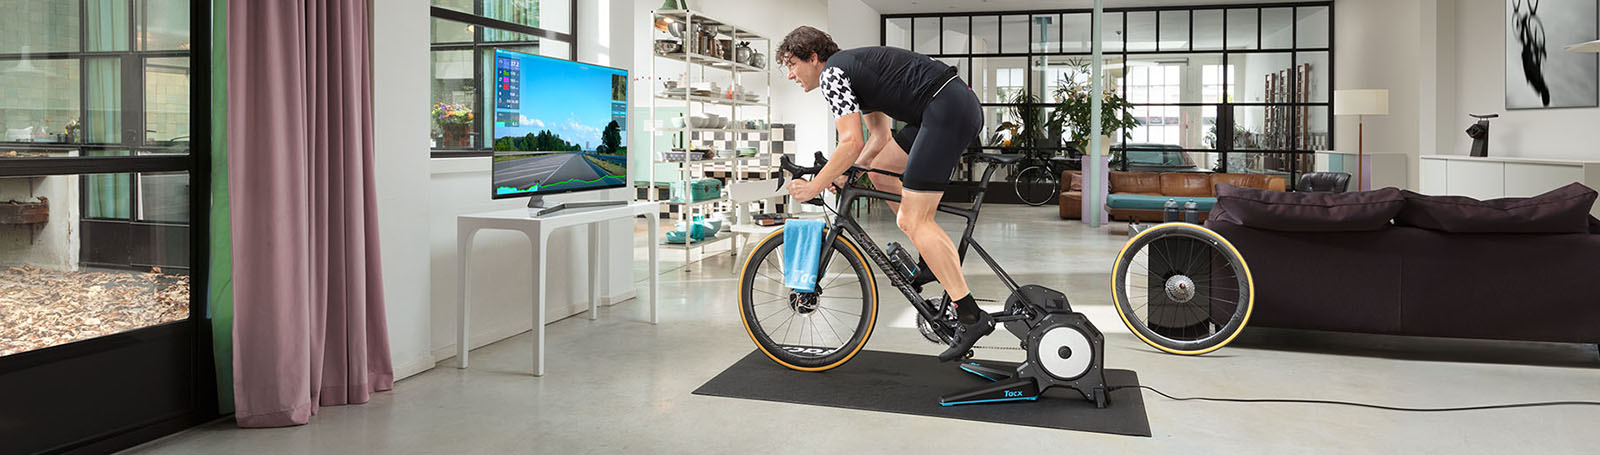 Jak vybrat cyklistický trenažér Tacx?